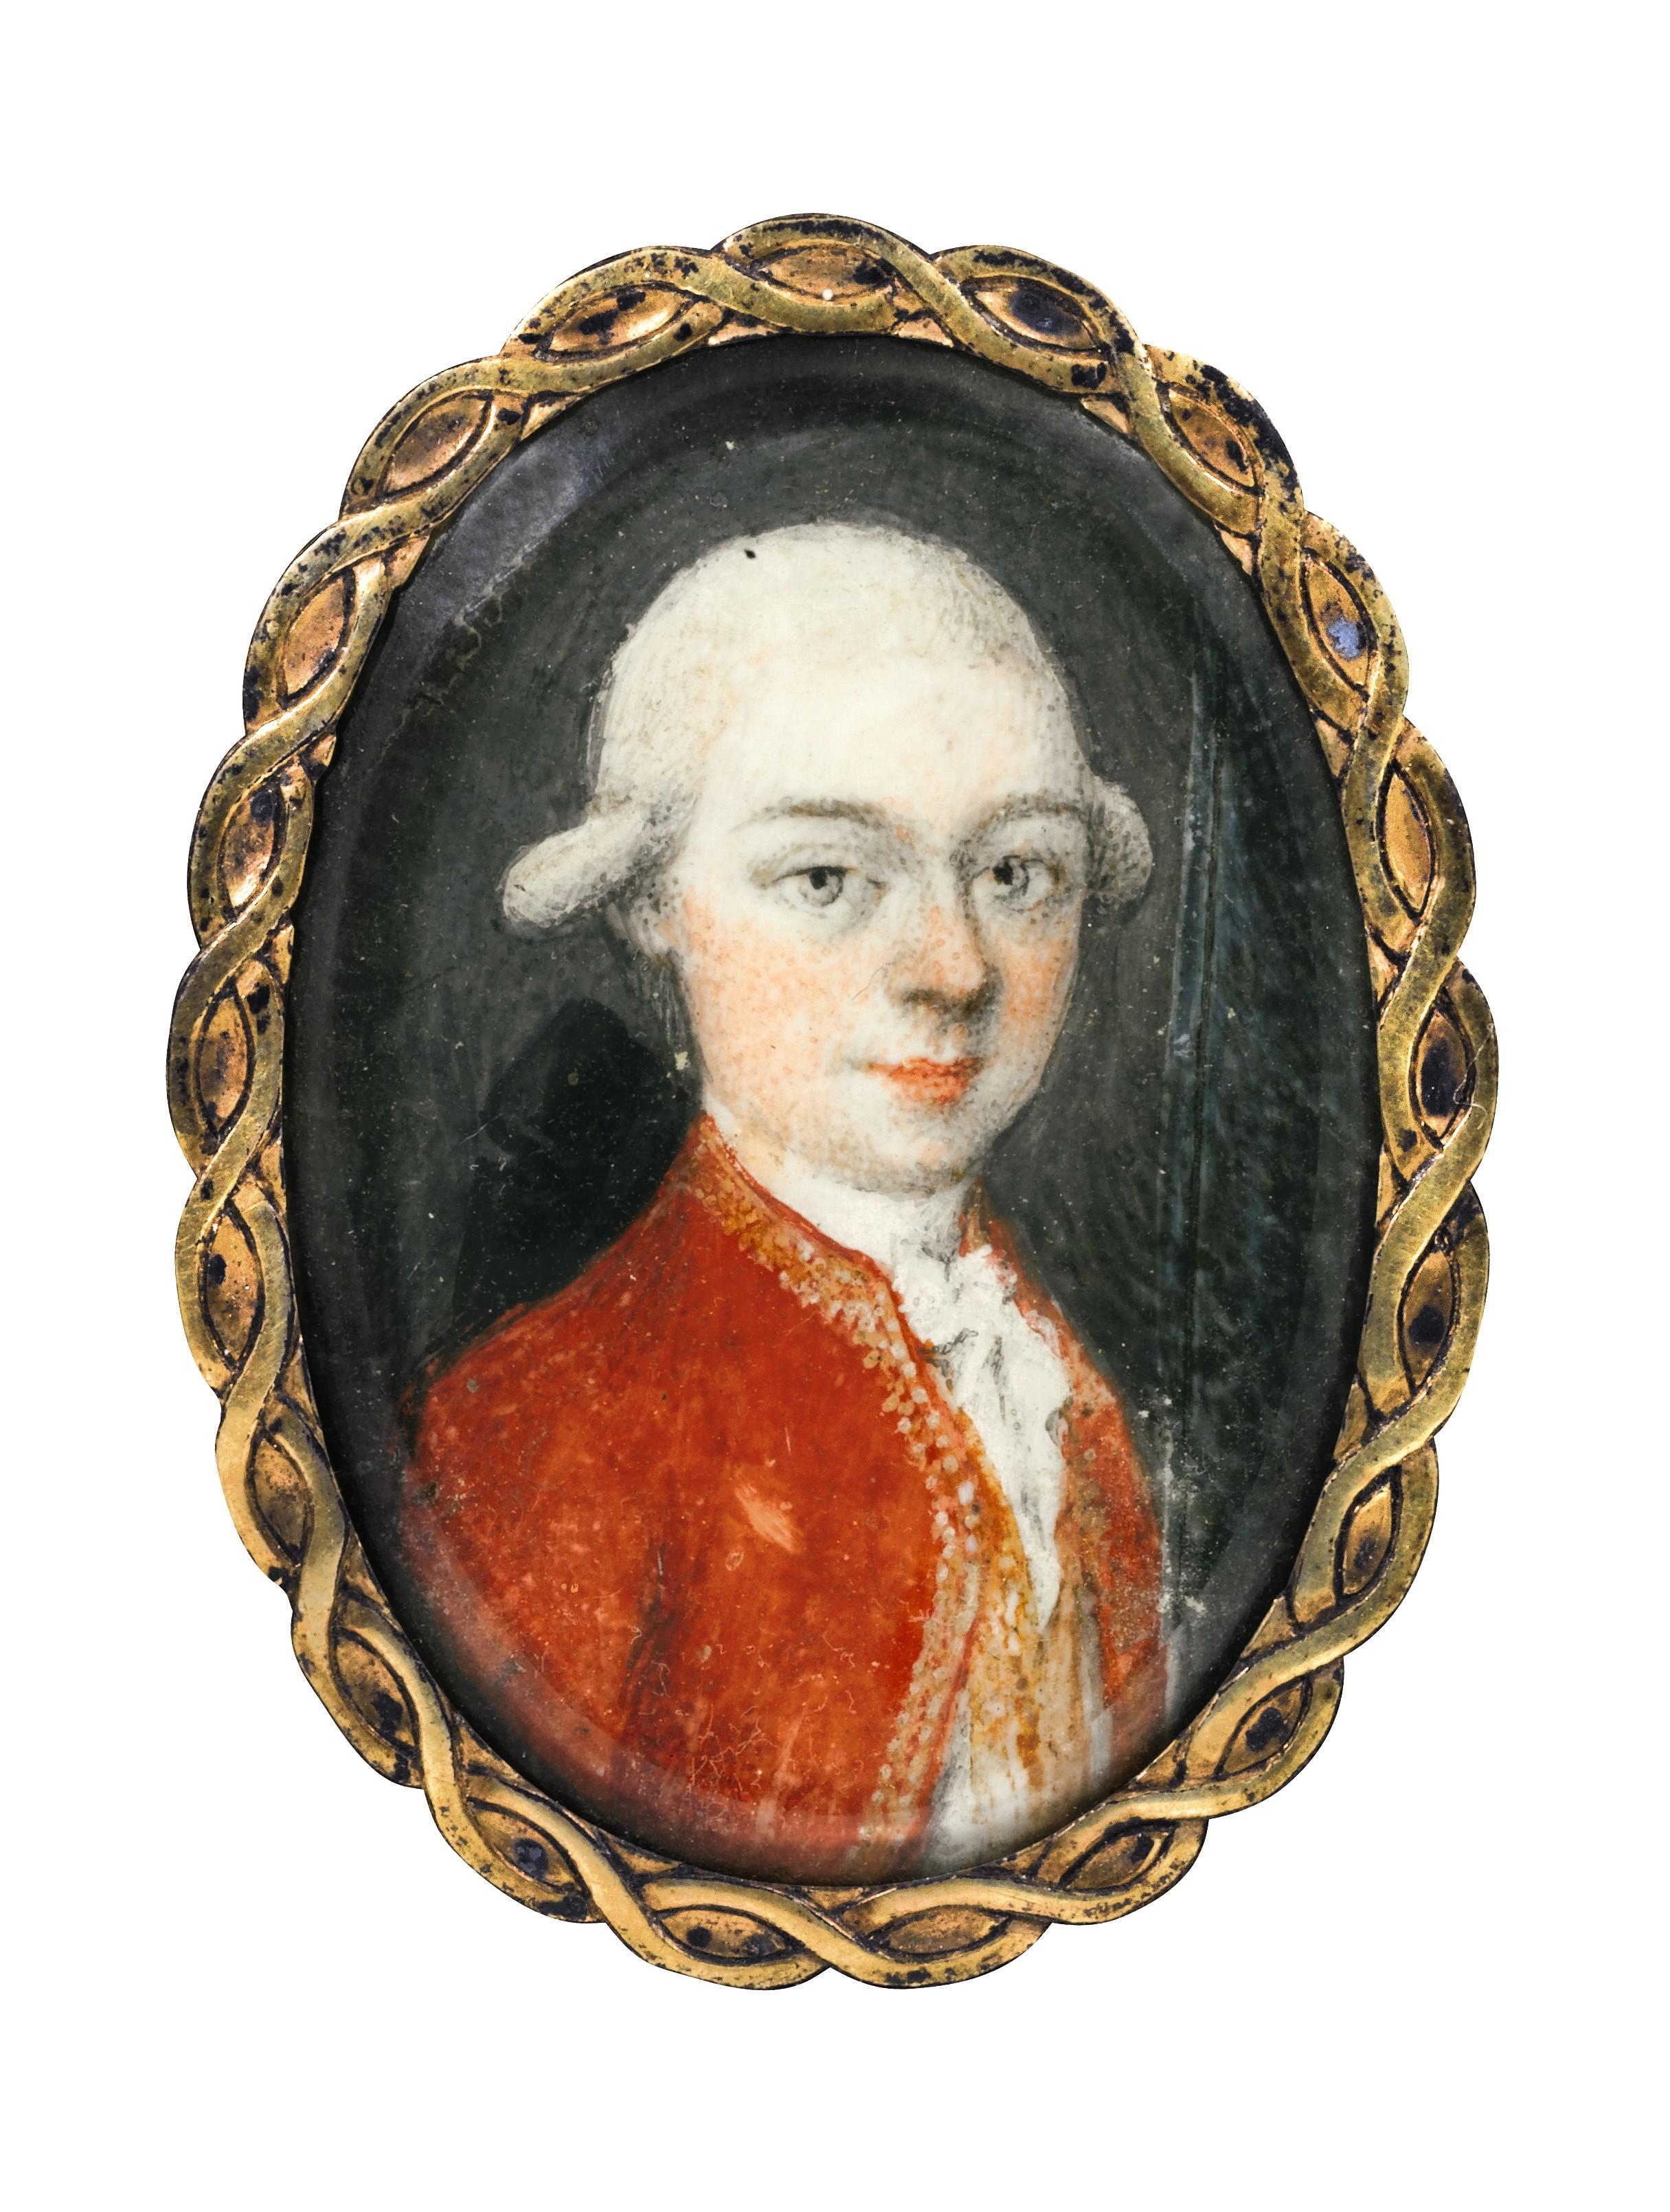 Miniature portrait of Mozart